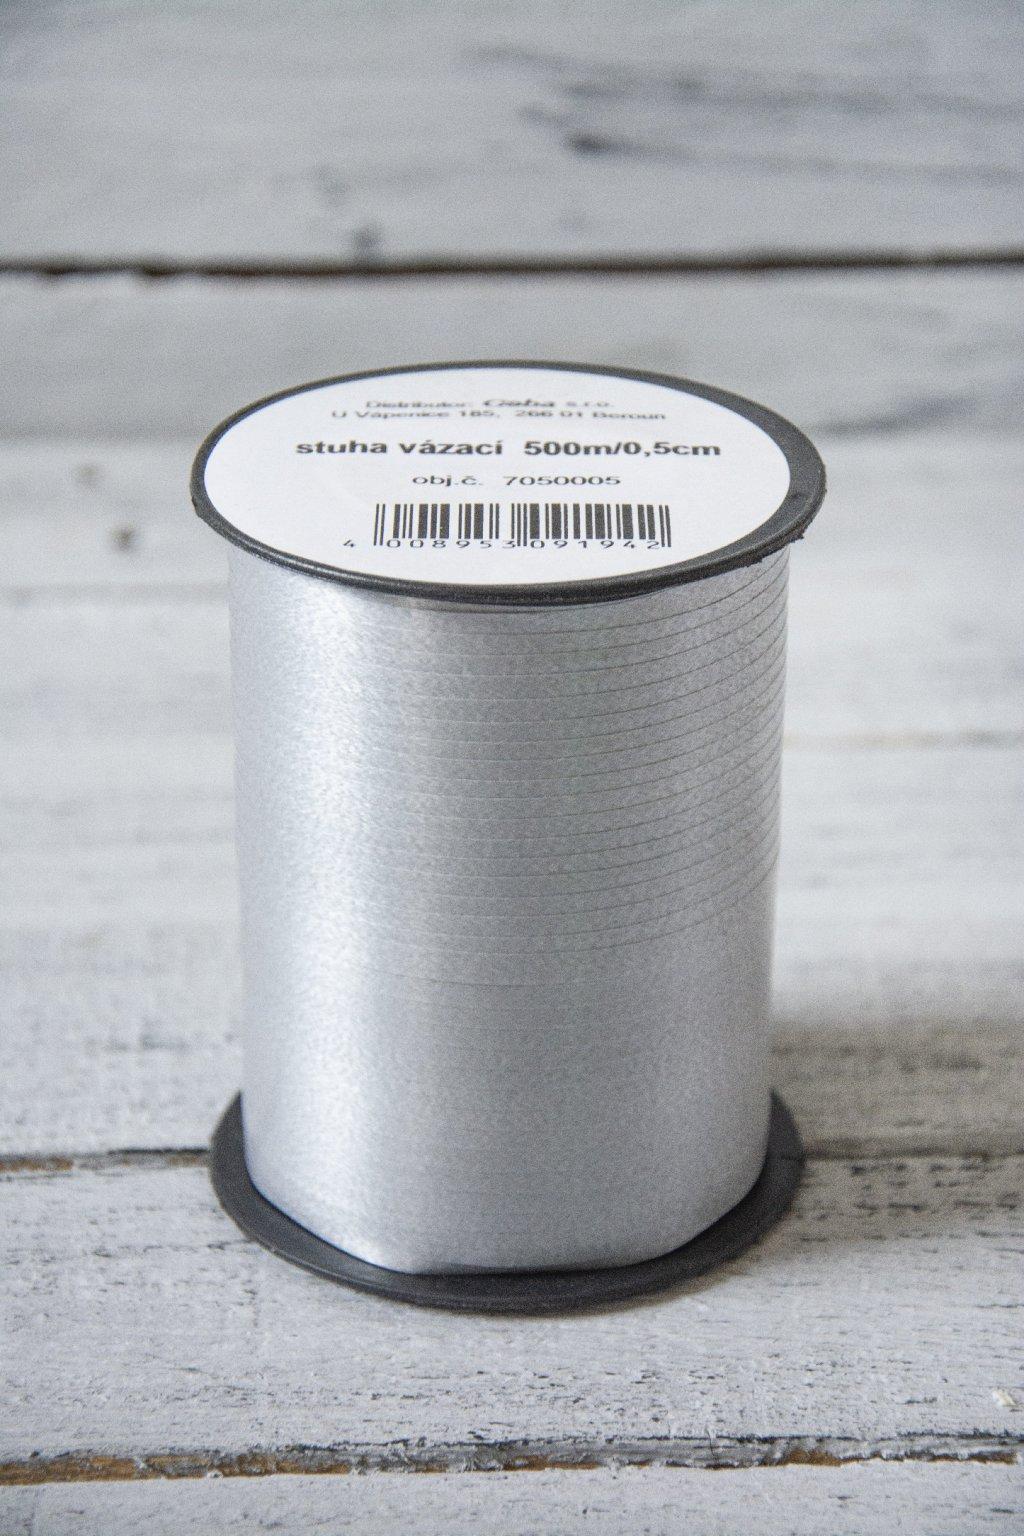 Stříbrná stuha š. 0,5 cm, na špulce návin 500 m.